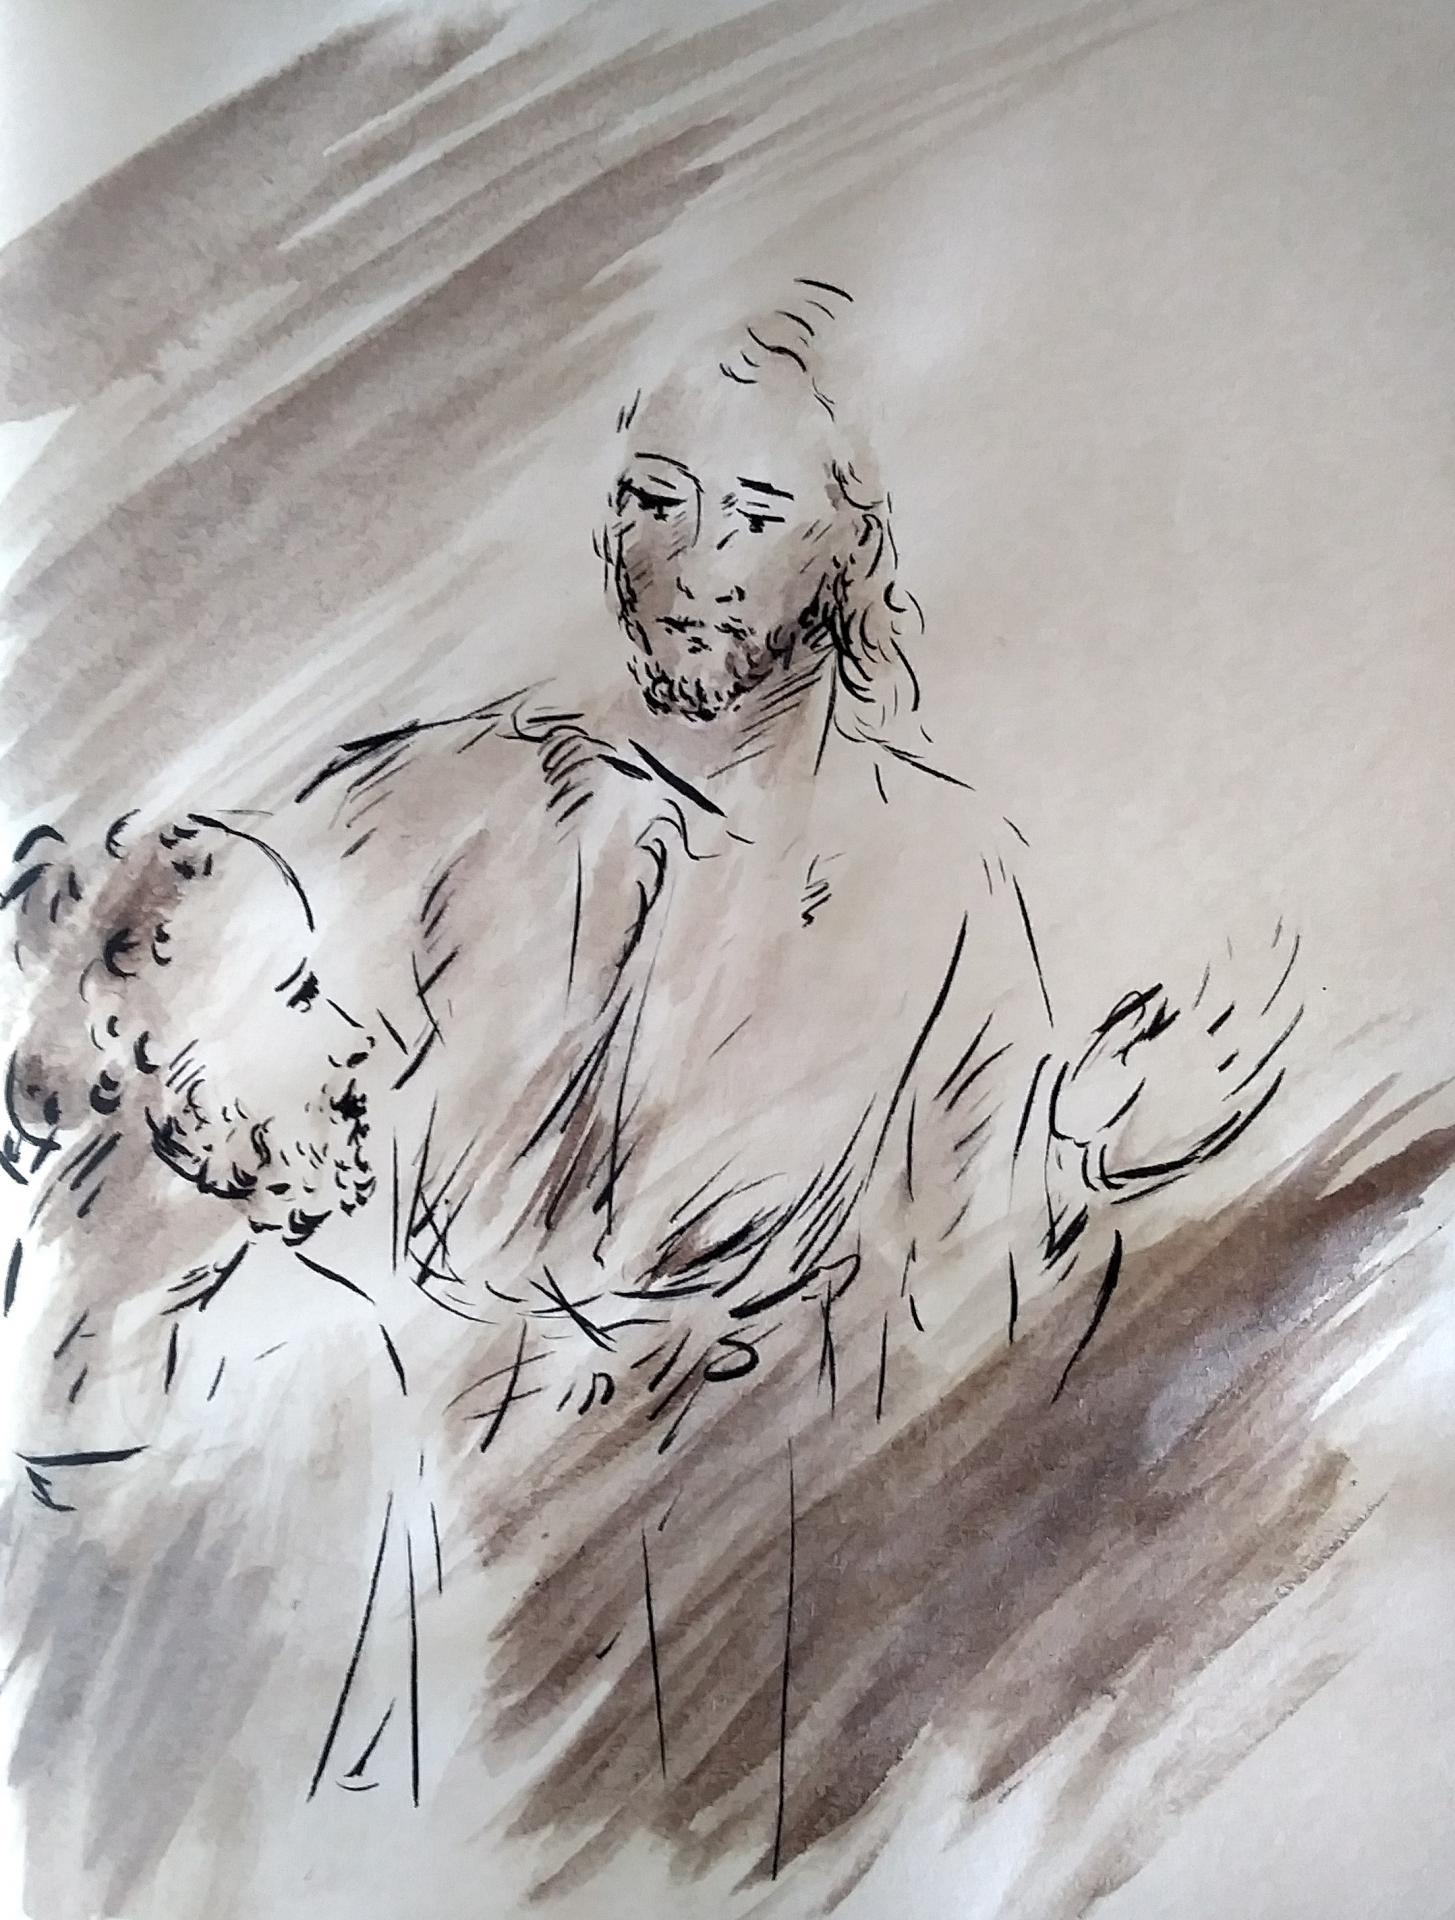 28 Avril 2018, évangile du jour illustré par un dessin au lavis